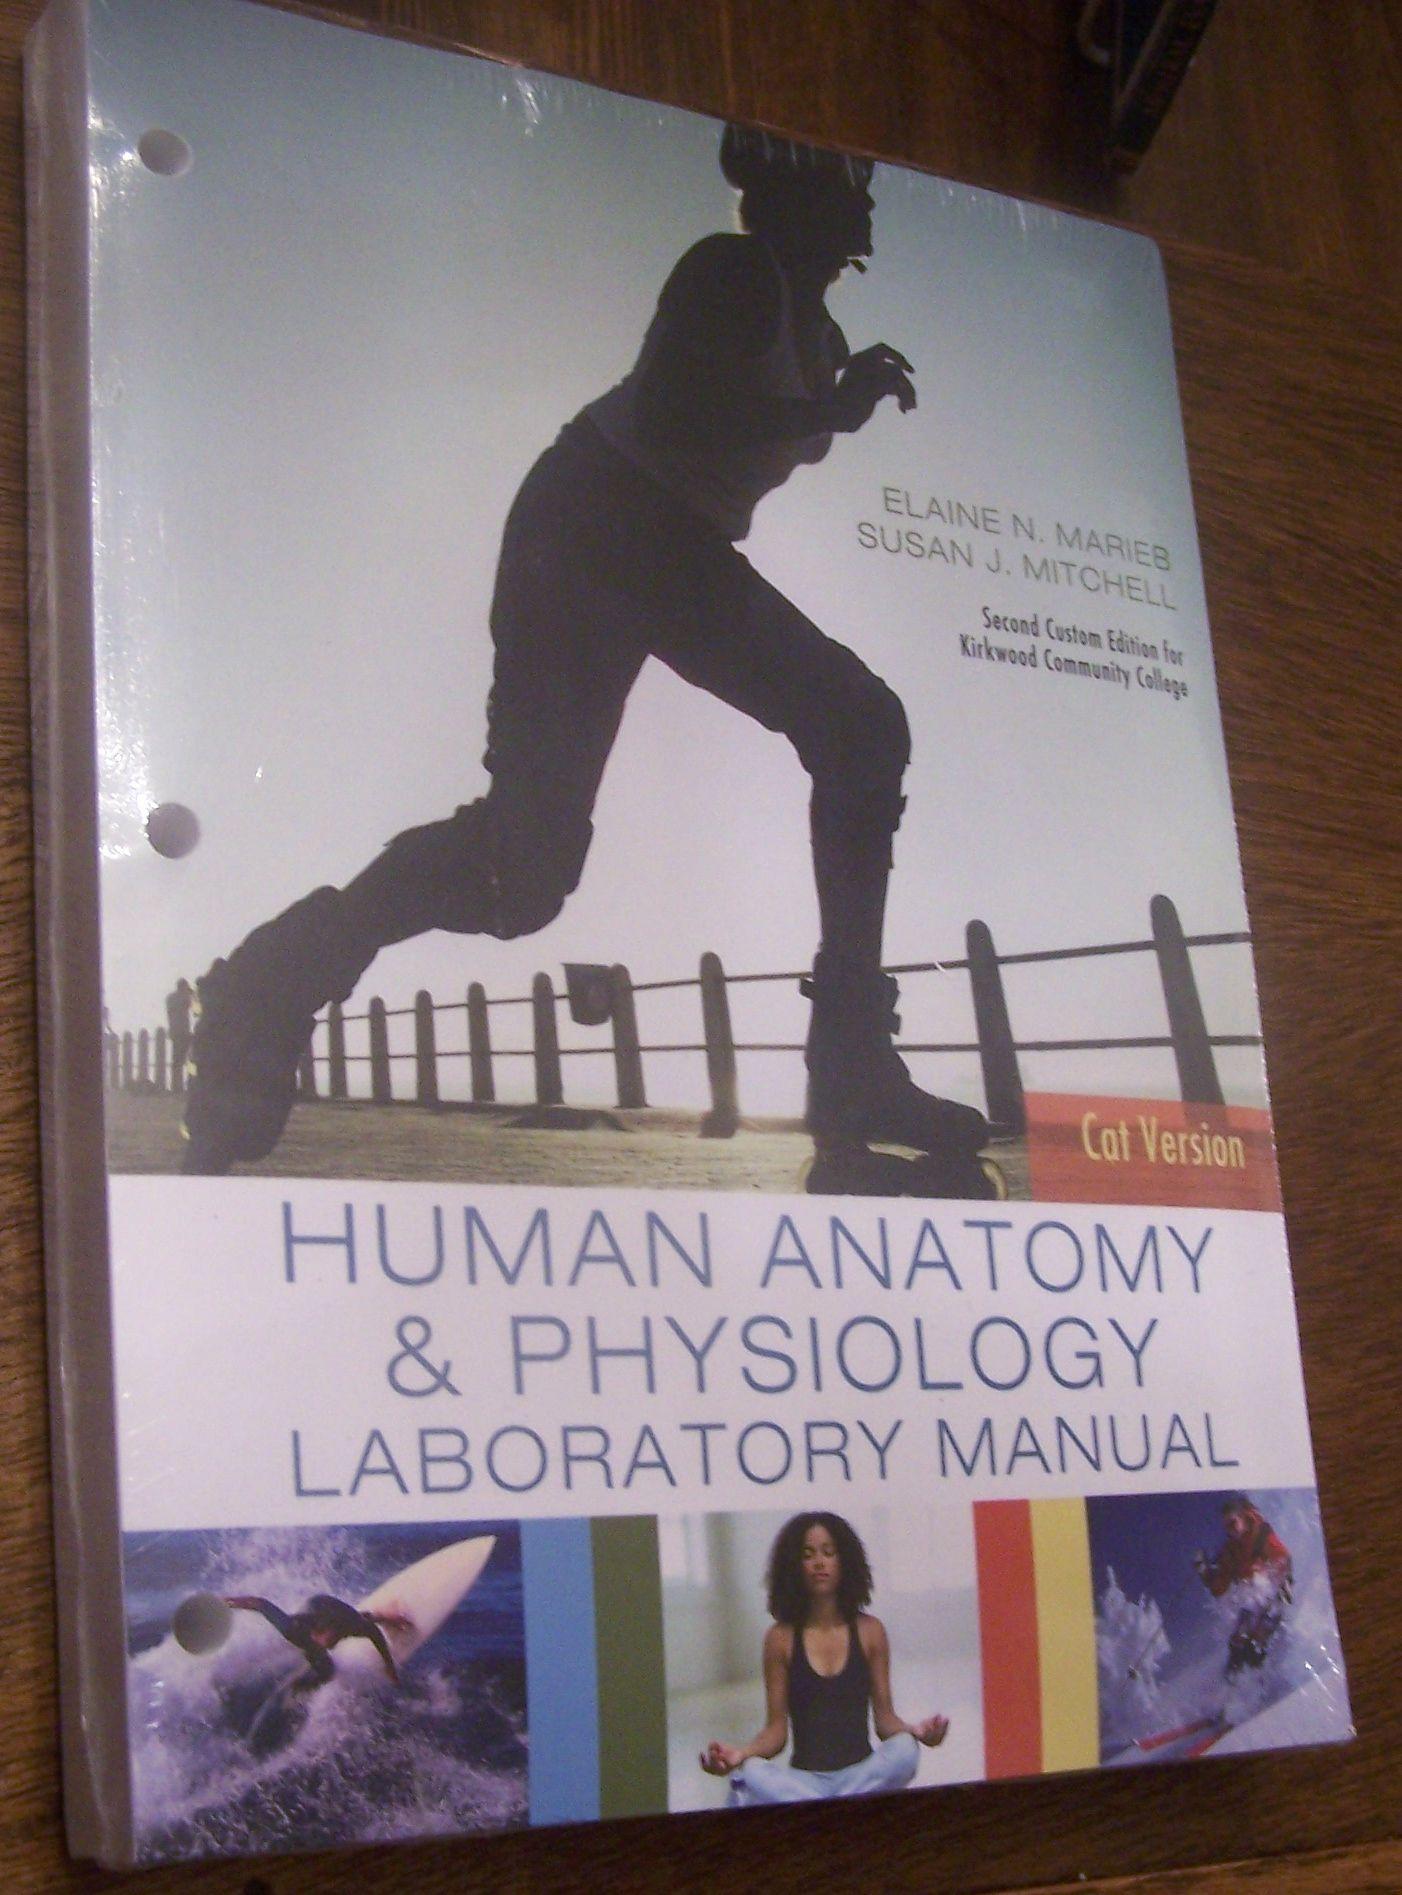 Human Anatomy Physiology Laboratory Manula By Elaine N Marieb